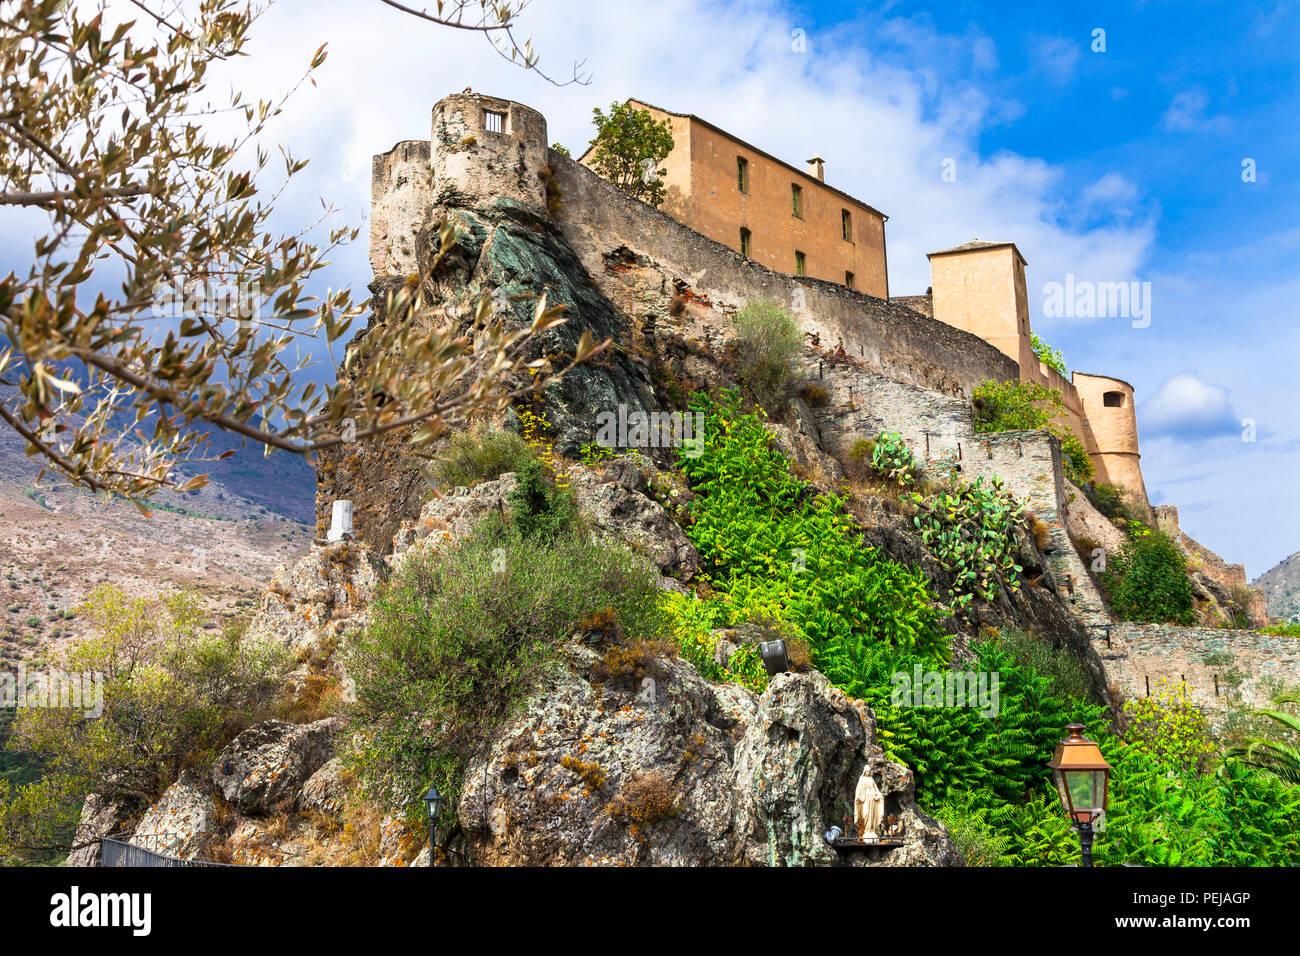 Impressive fortress in Corte village,Corsica,France. - Stock Image